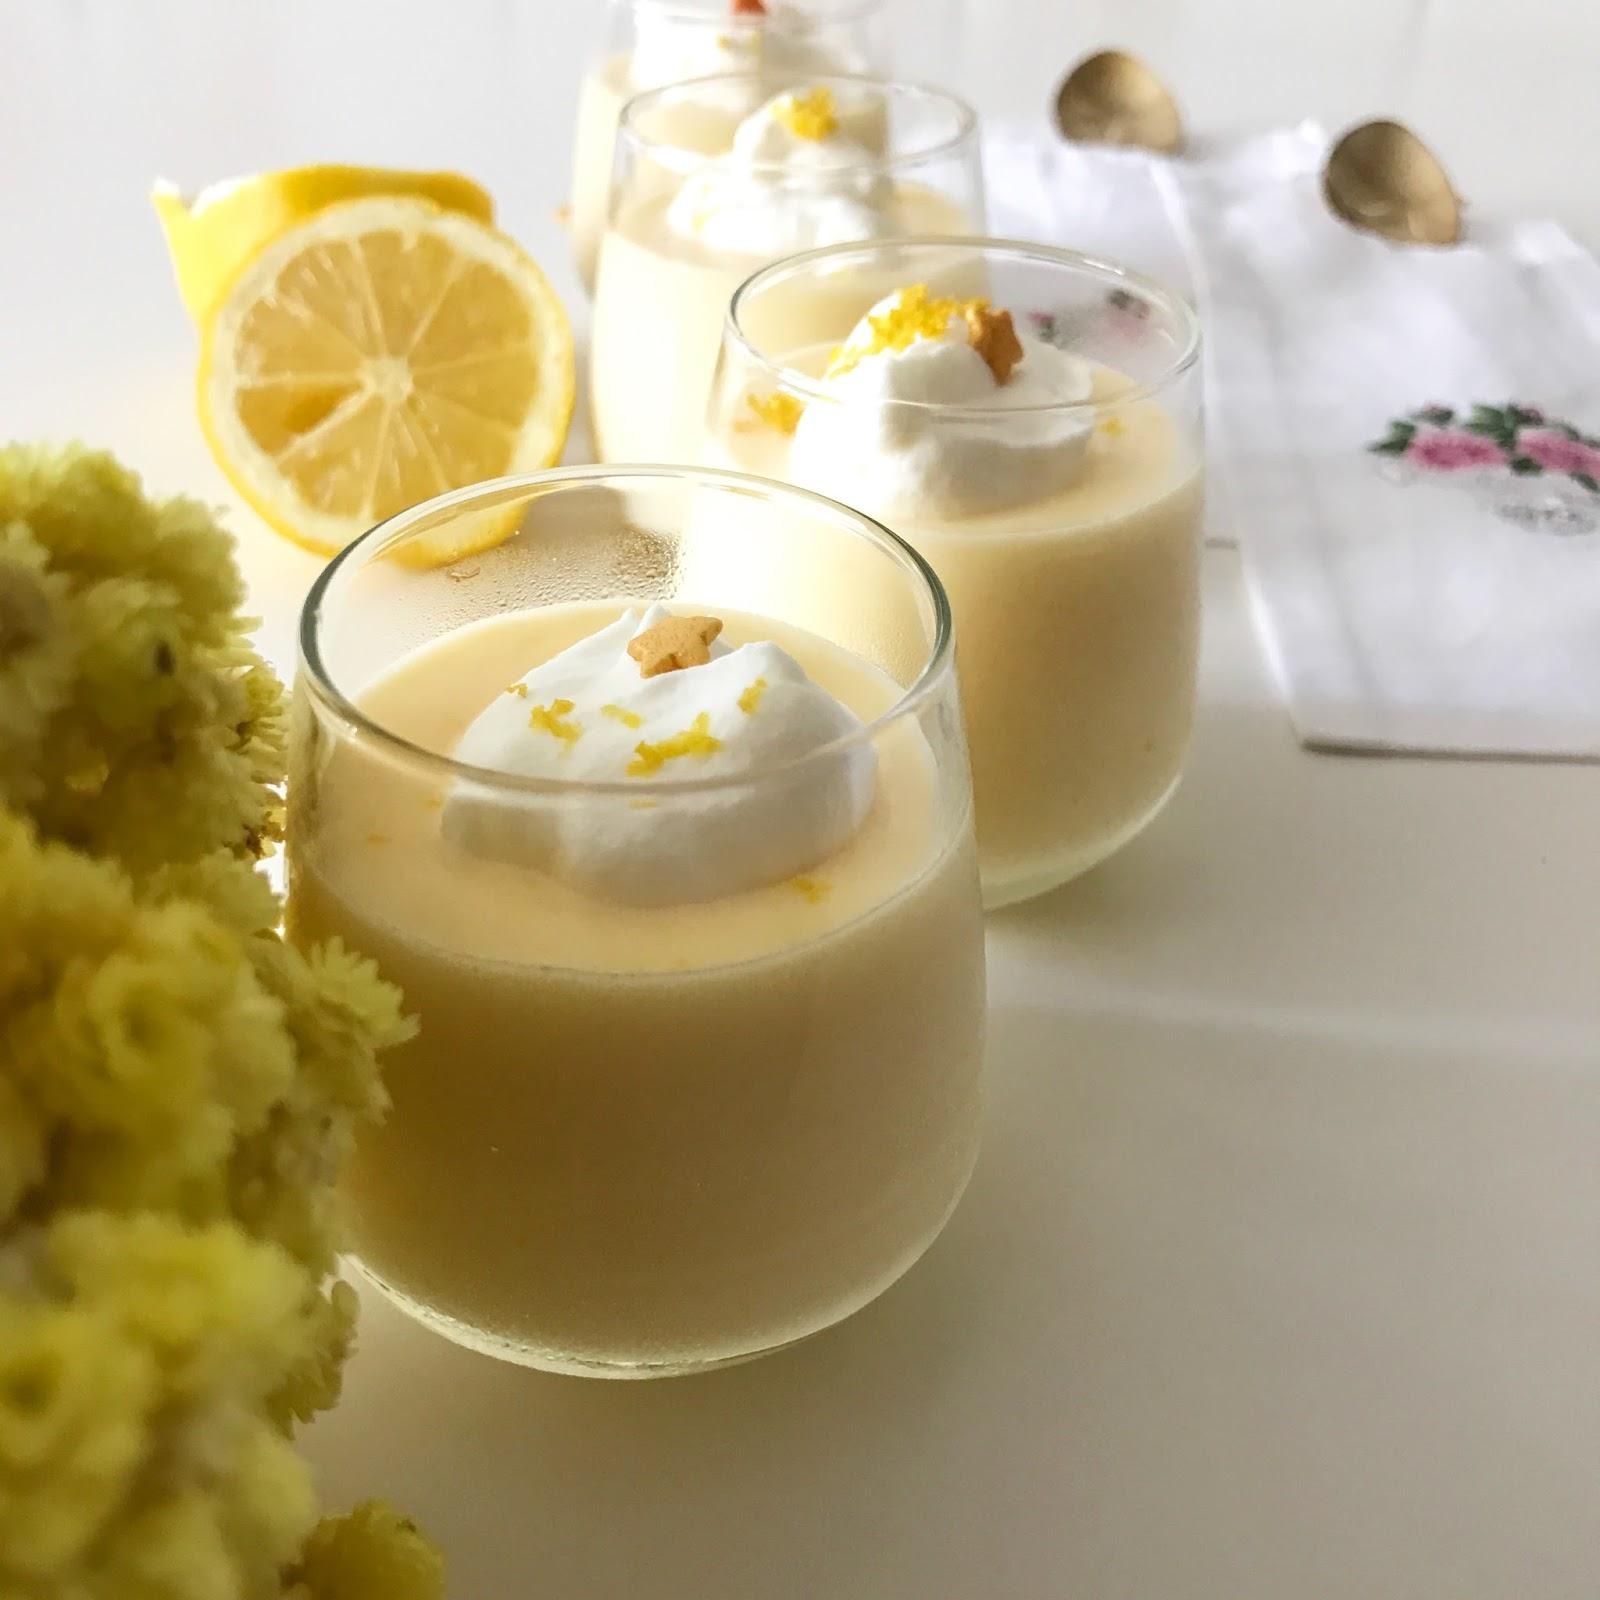 Limonlu Isırgan Keki tarifi